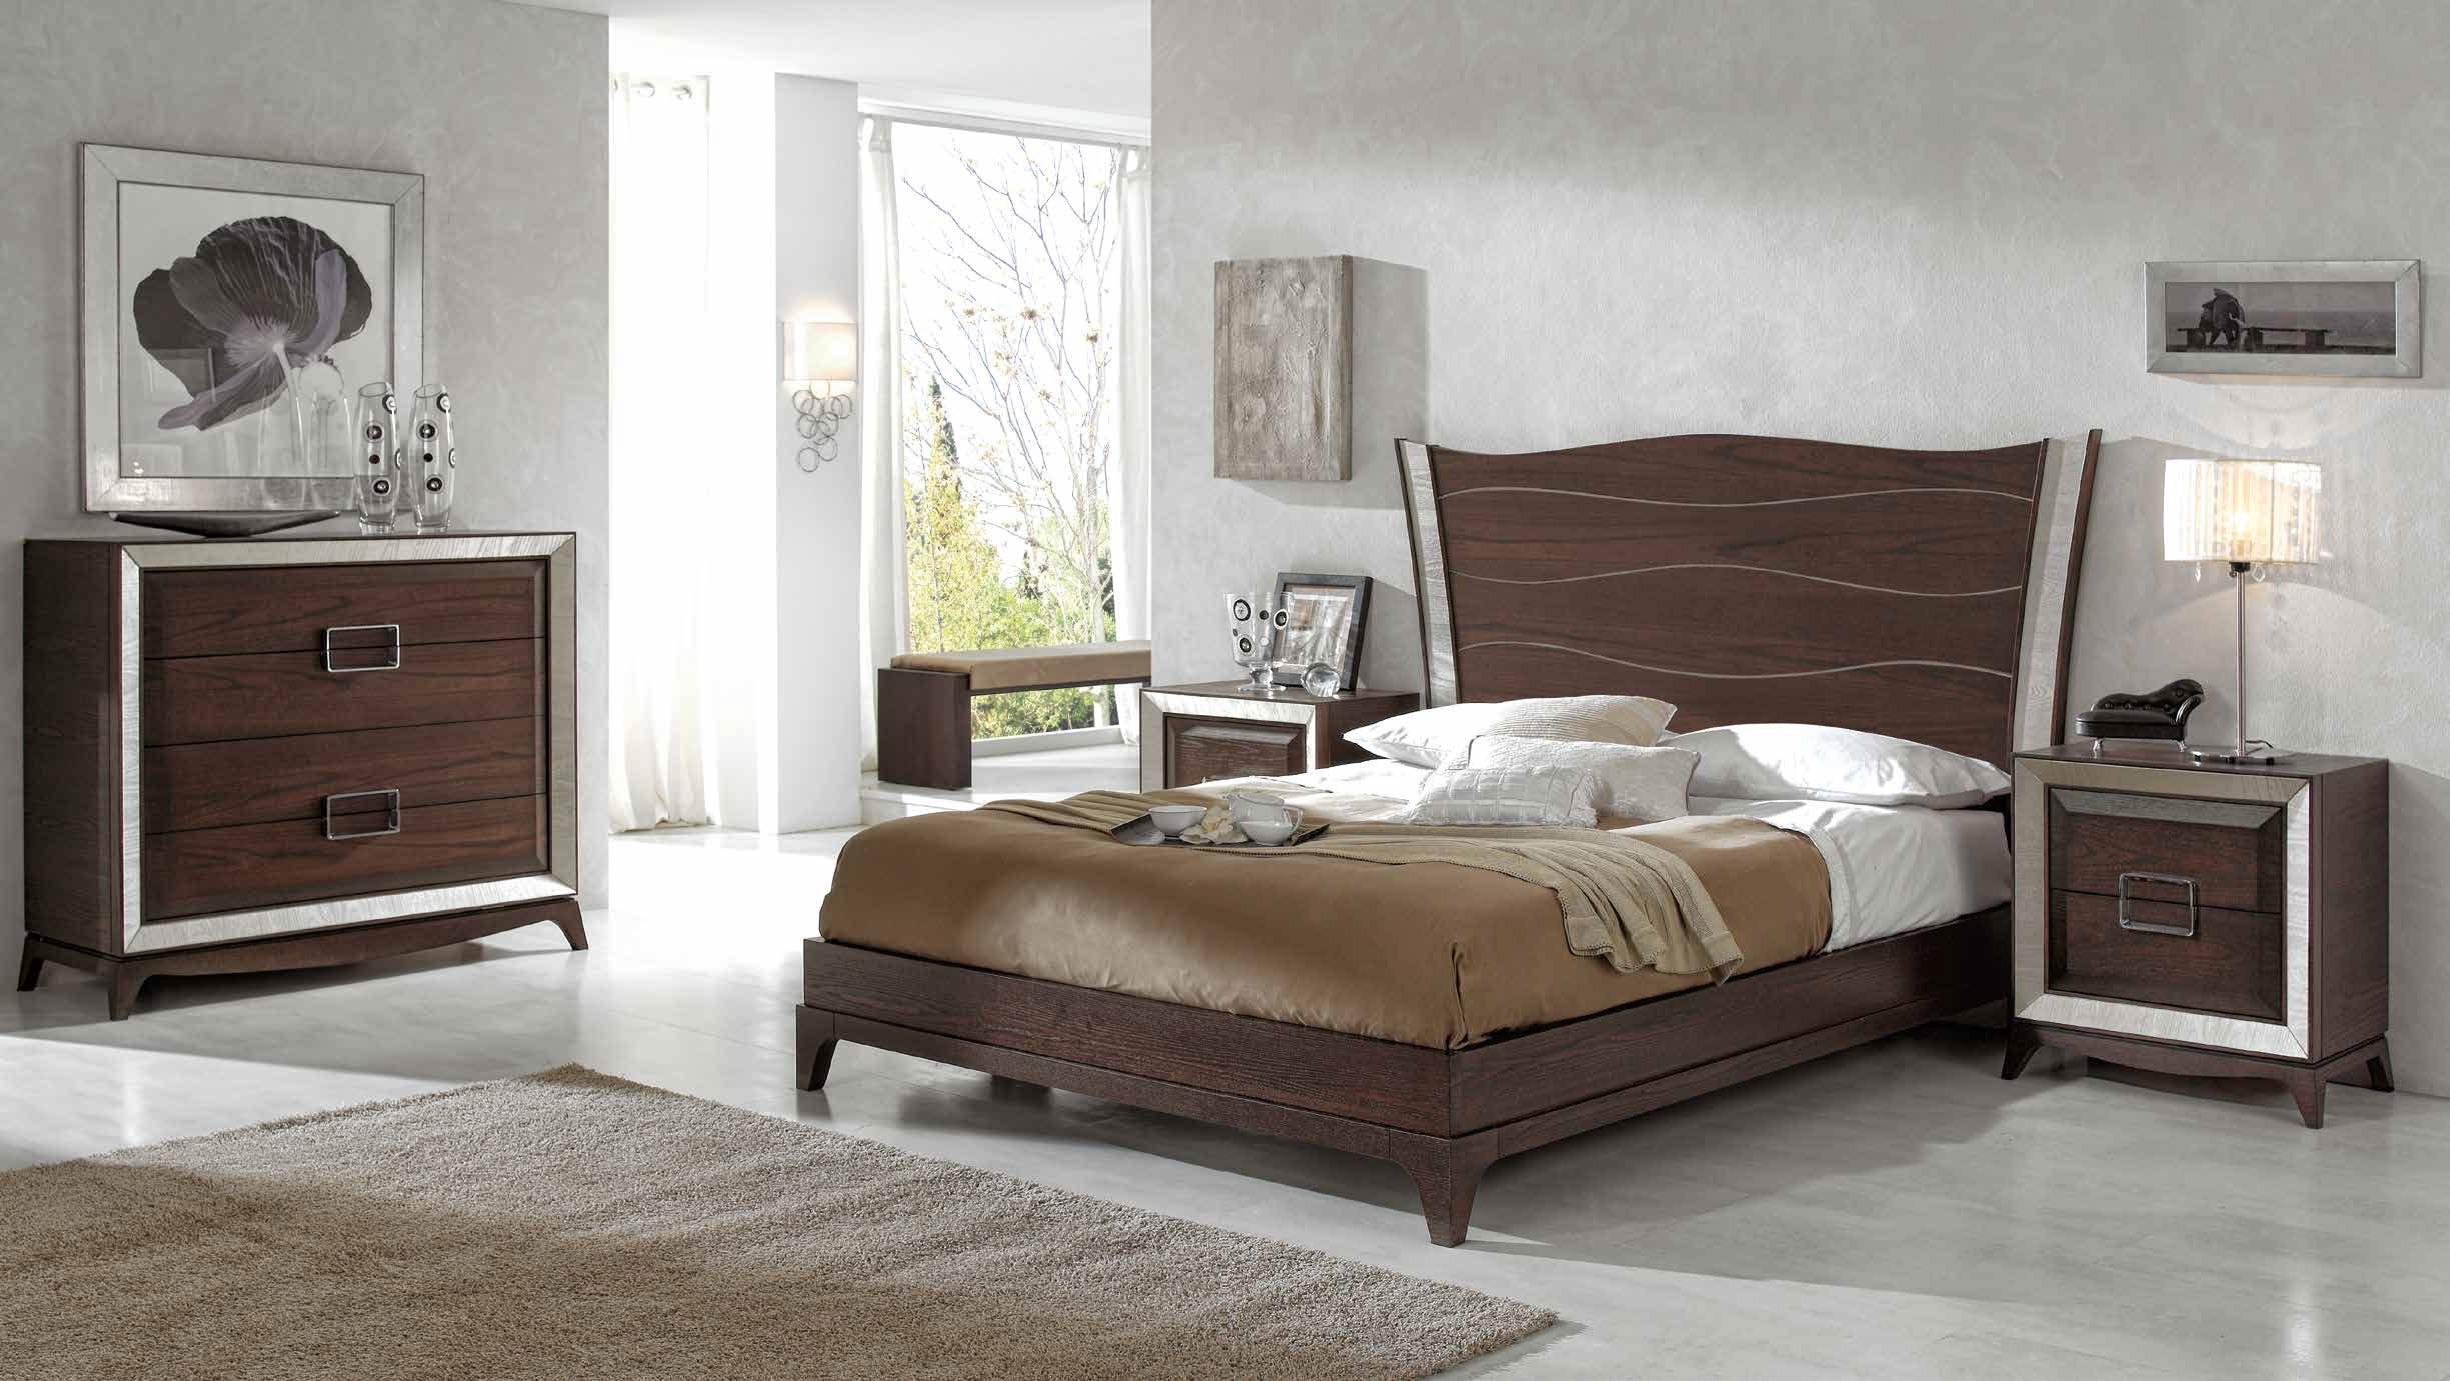 touch-dormitorio-eolo-05